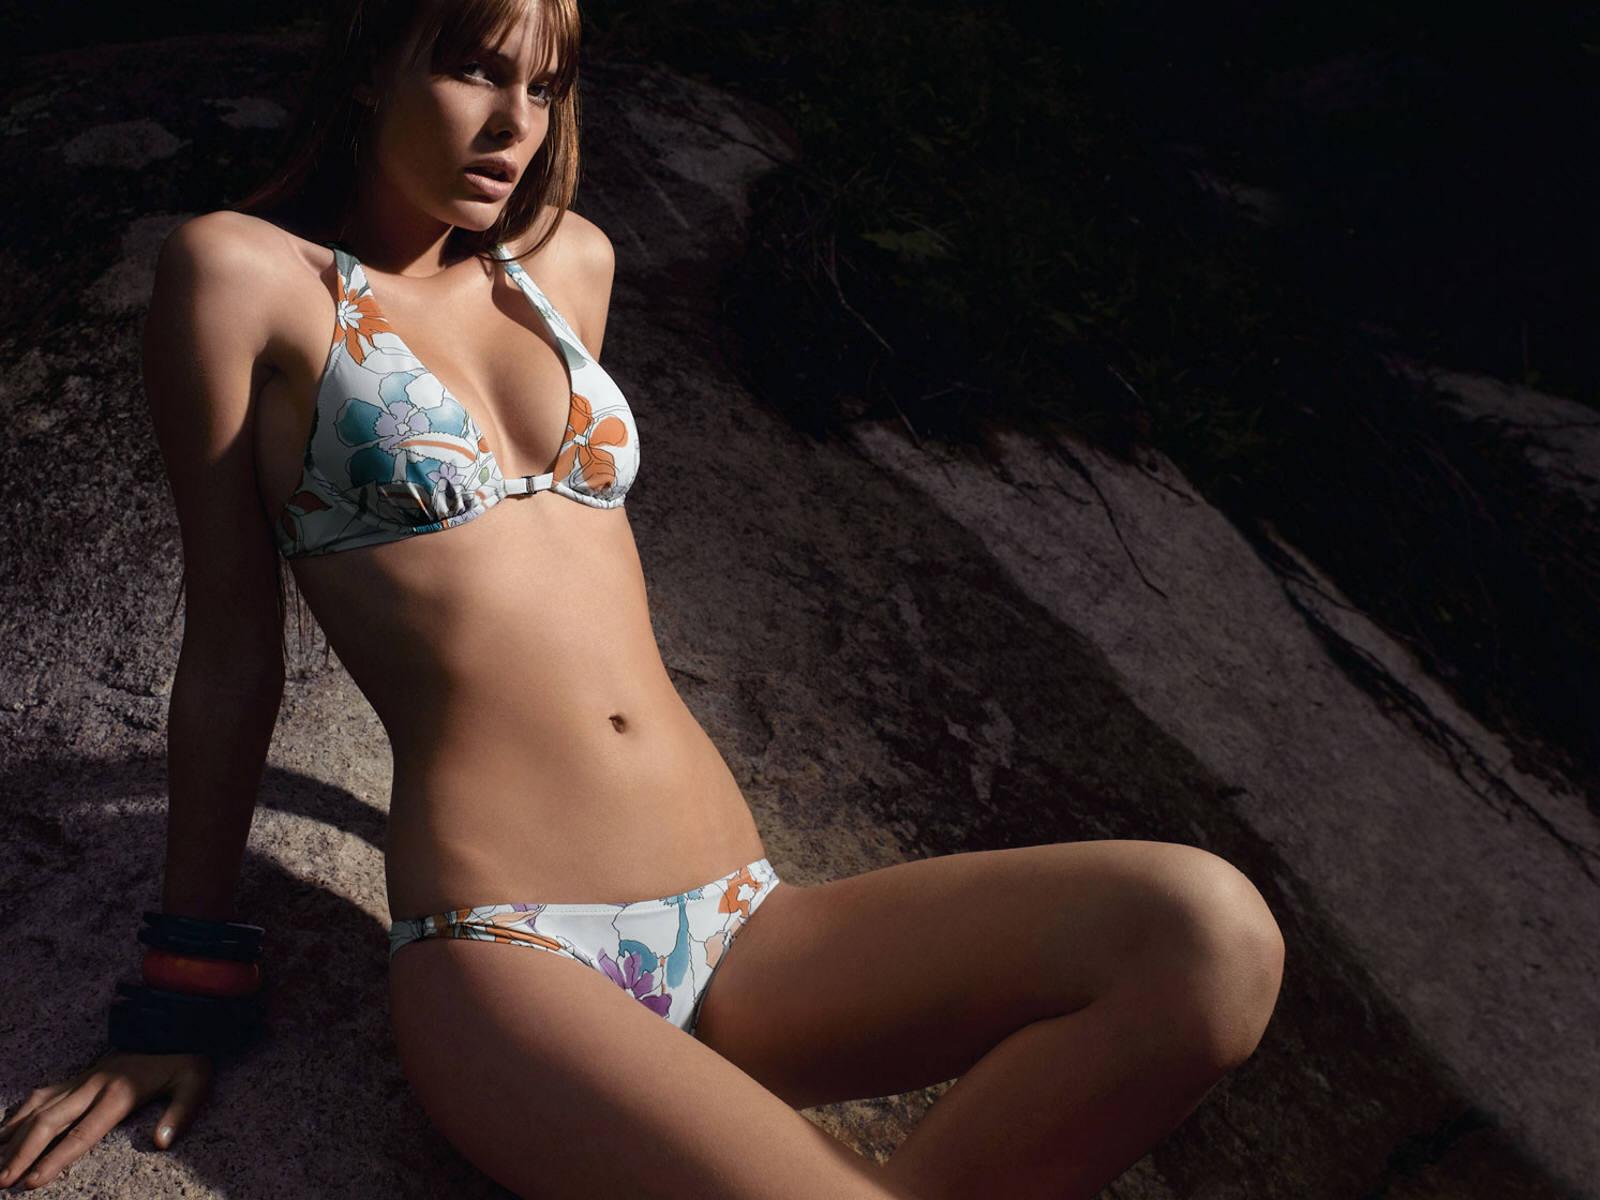 Самые молоденькие девочки голые 26 фотография